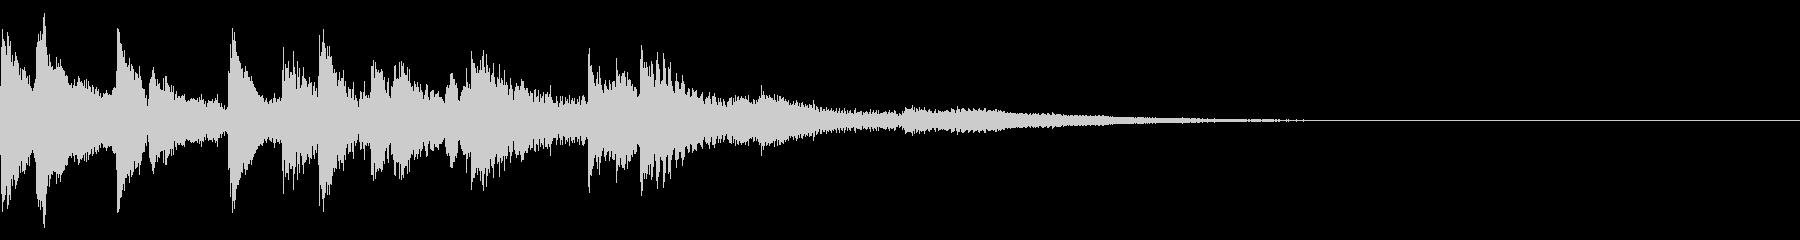 ピアノ挿入音 ブルースな場面転換 生ピの未再生の波形